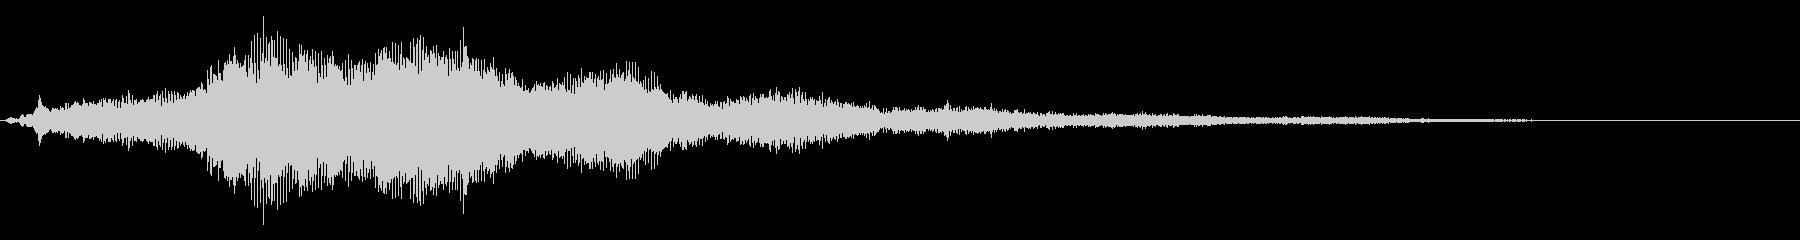 場面切り替え(シーン):SF風の音3の未再生の波形